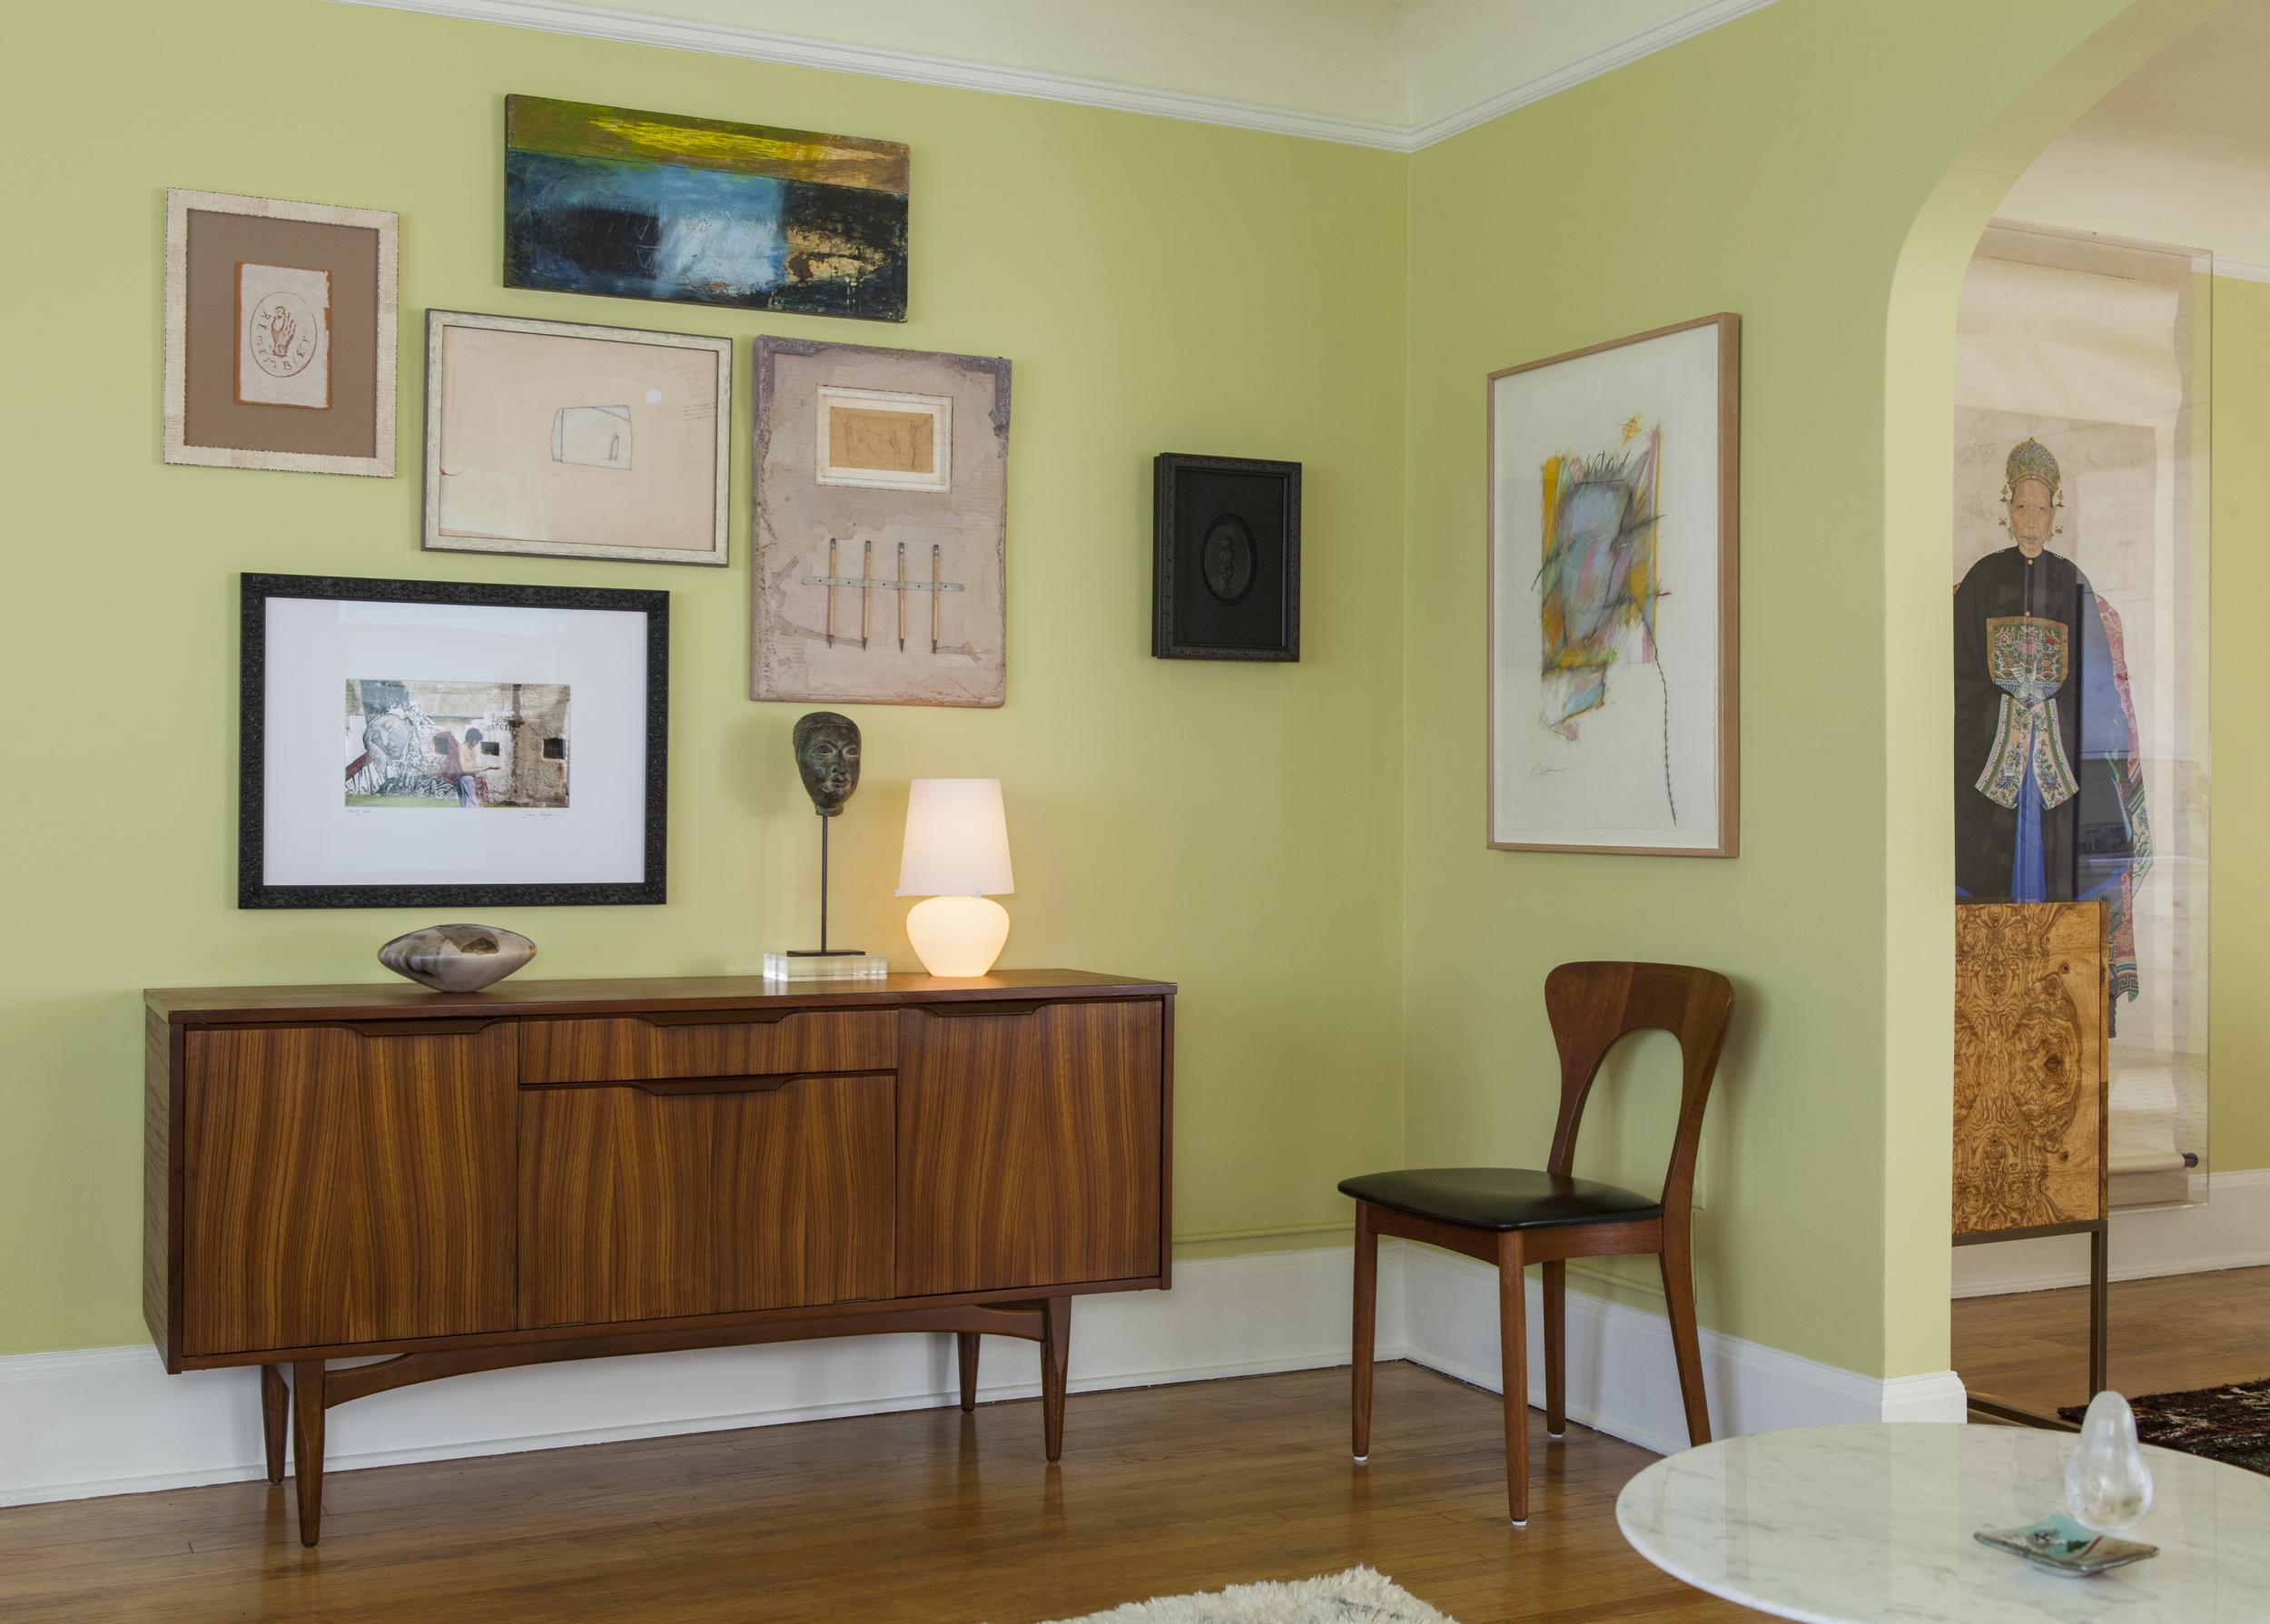 living room 1-3.jpg